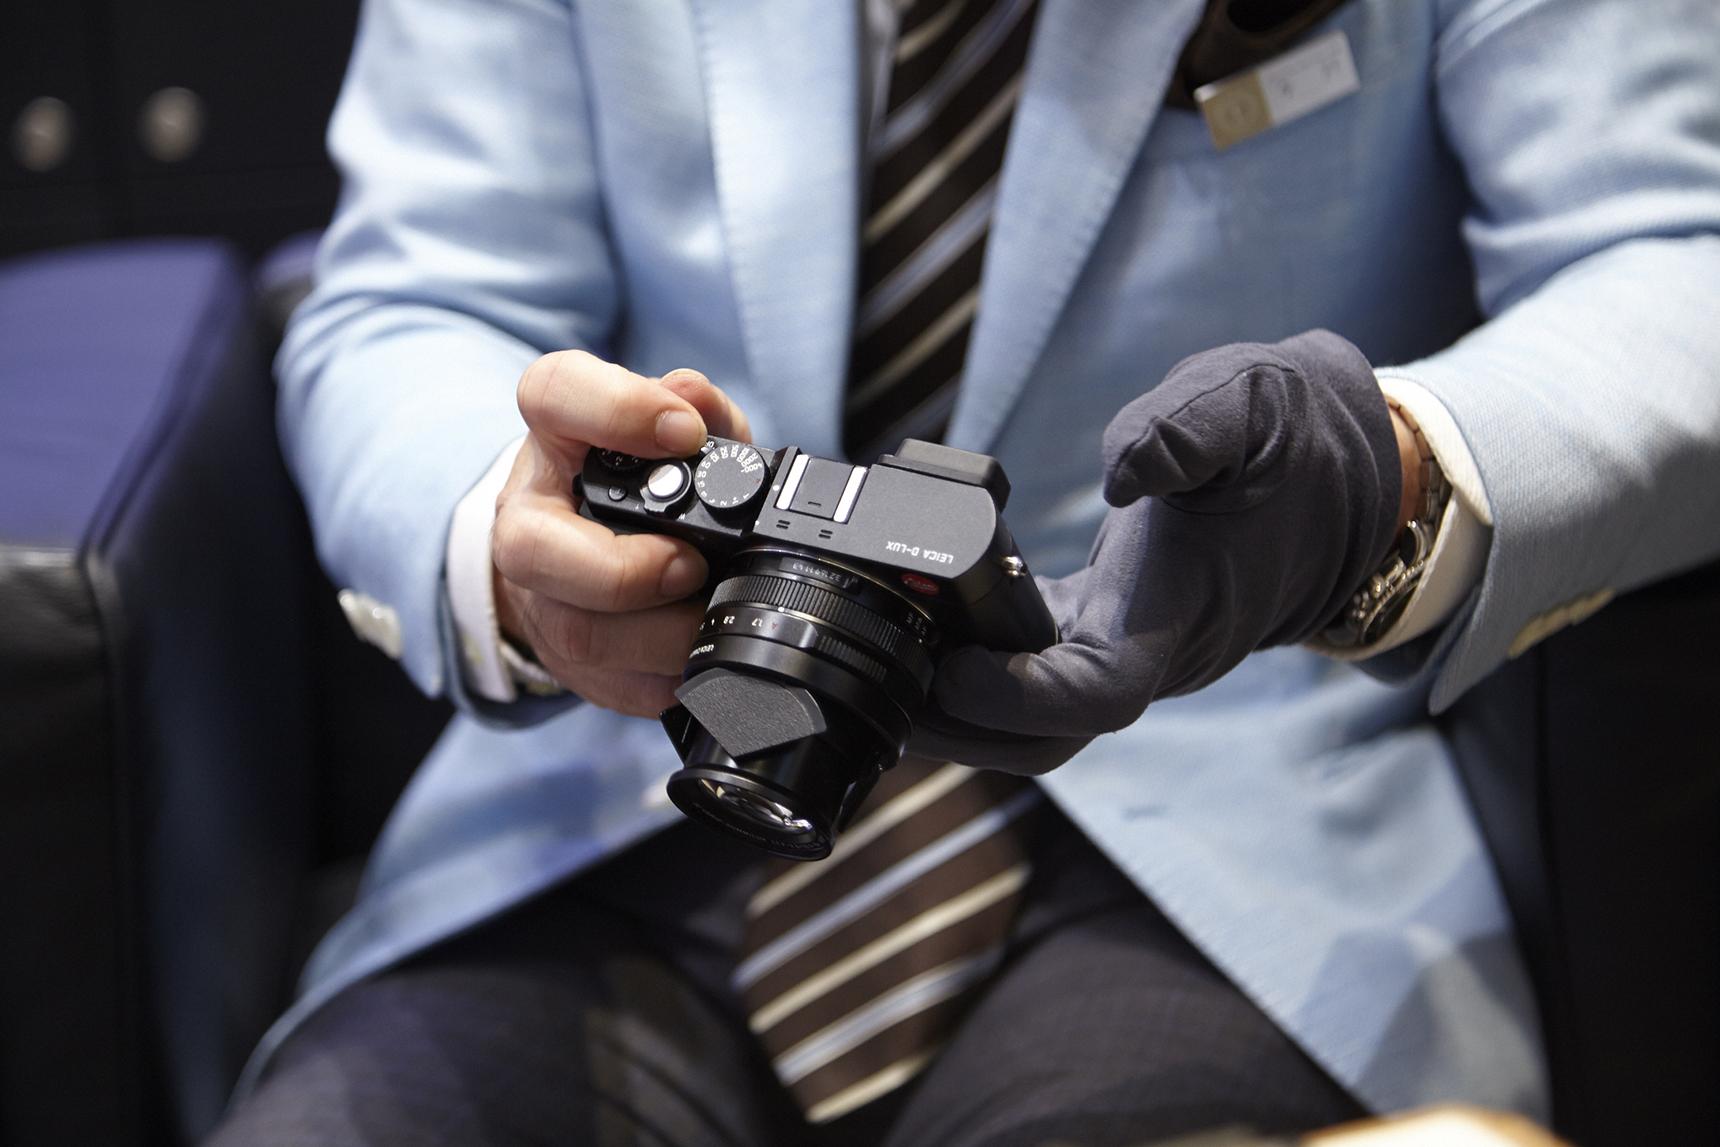 コンパクトデジタルカメラ「D-LUX」